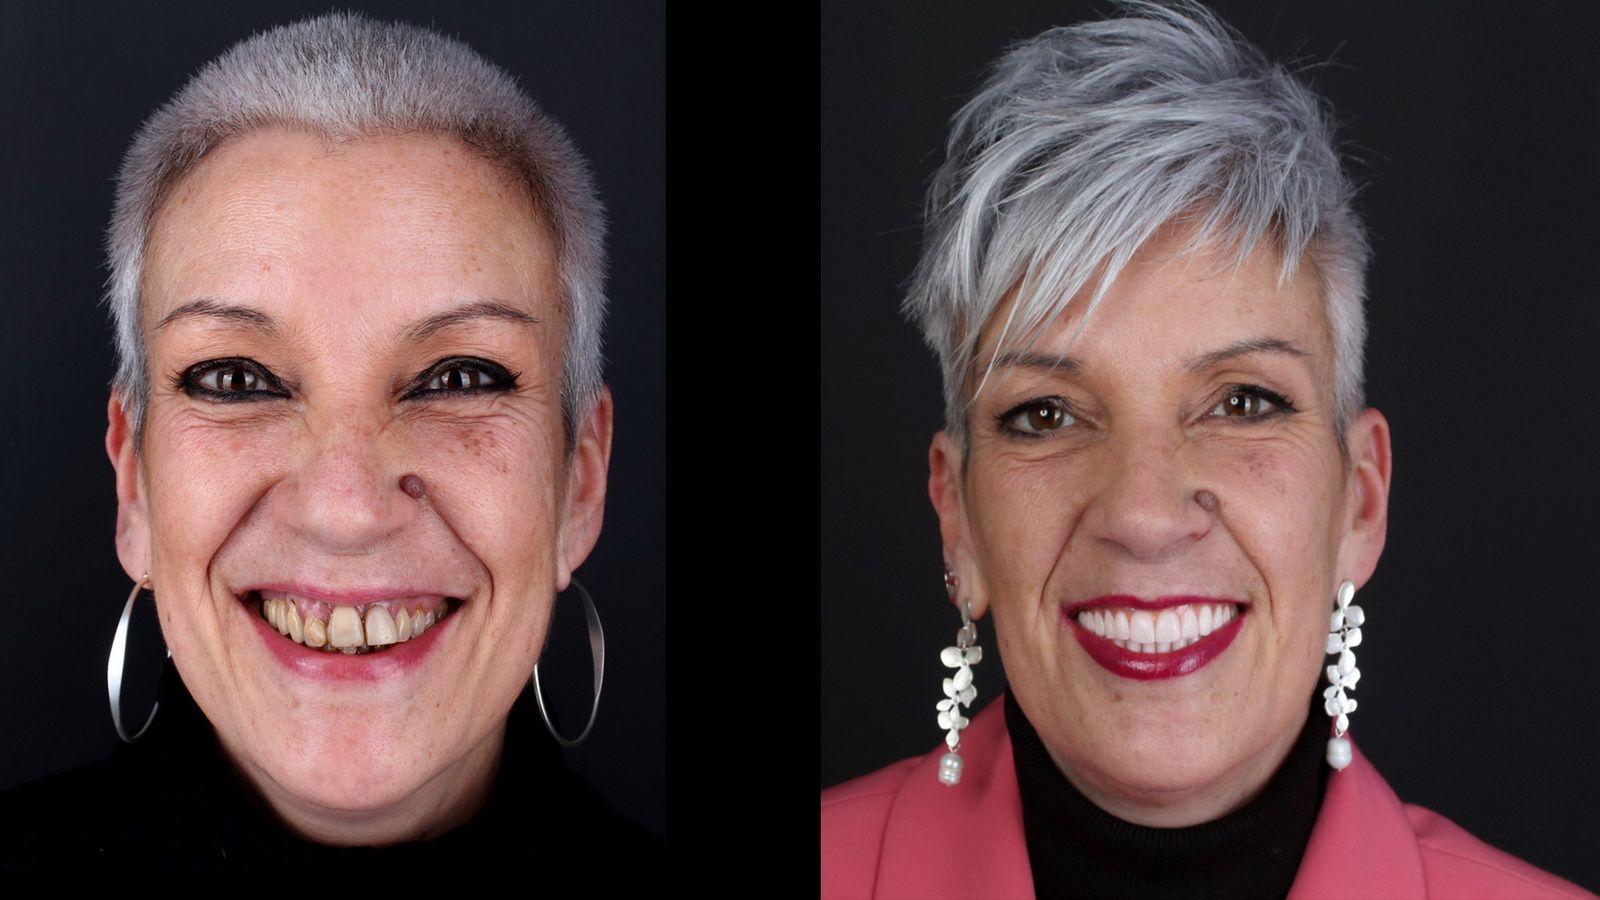 Tratamiento de implantes dentales en la clínica dental Padrós. Tu dentista en Barcelona